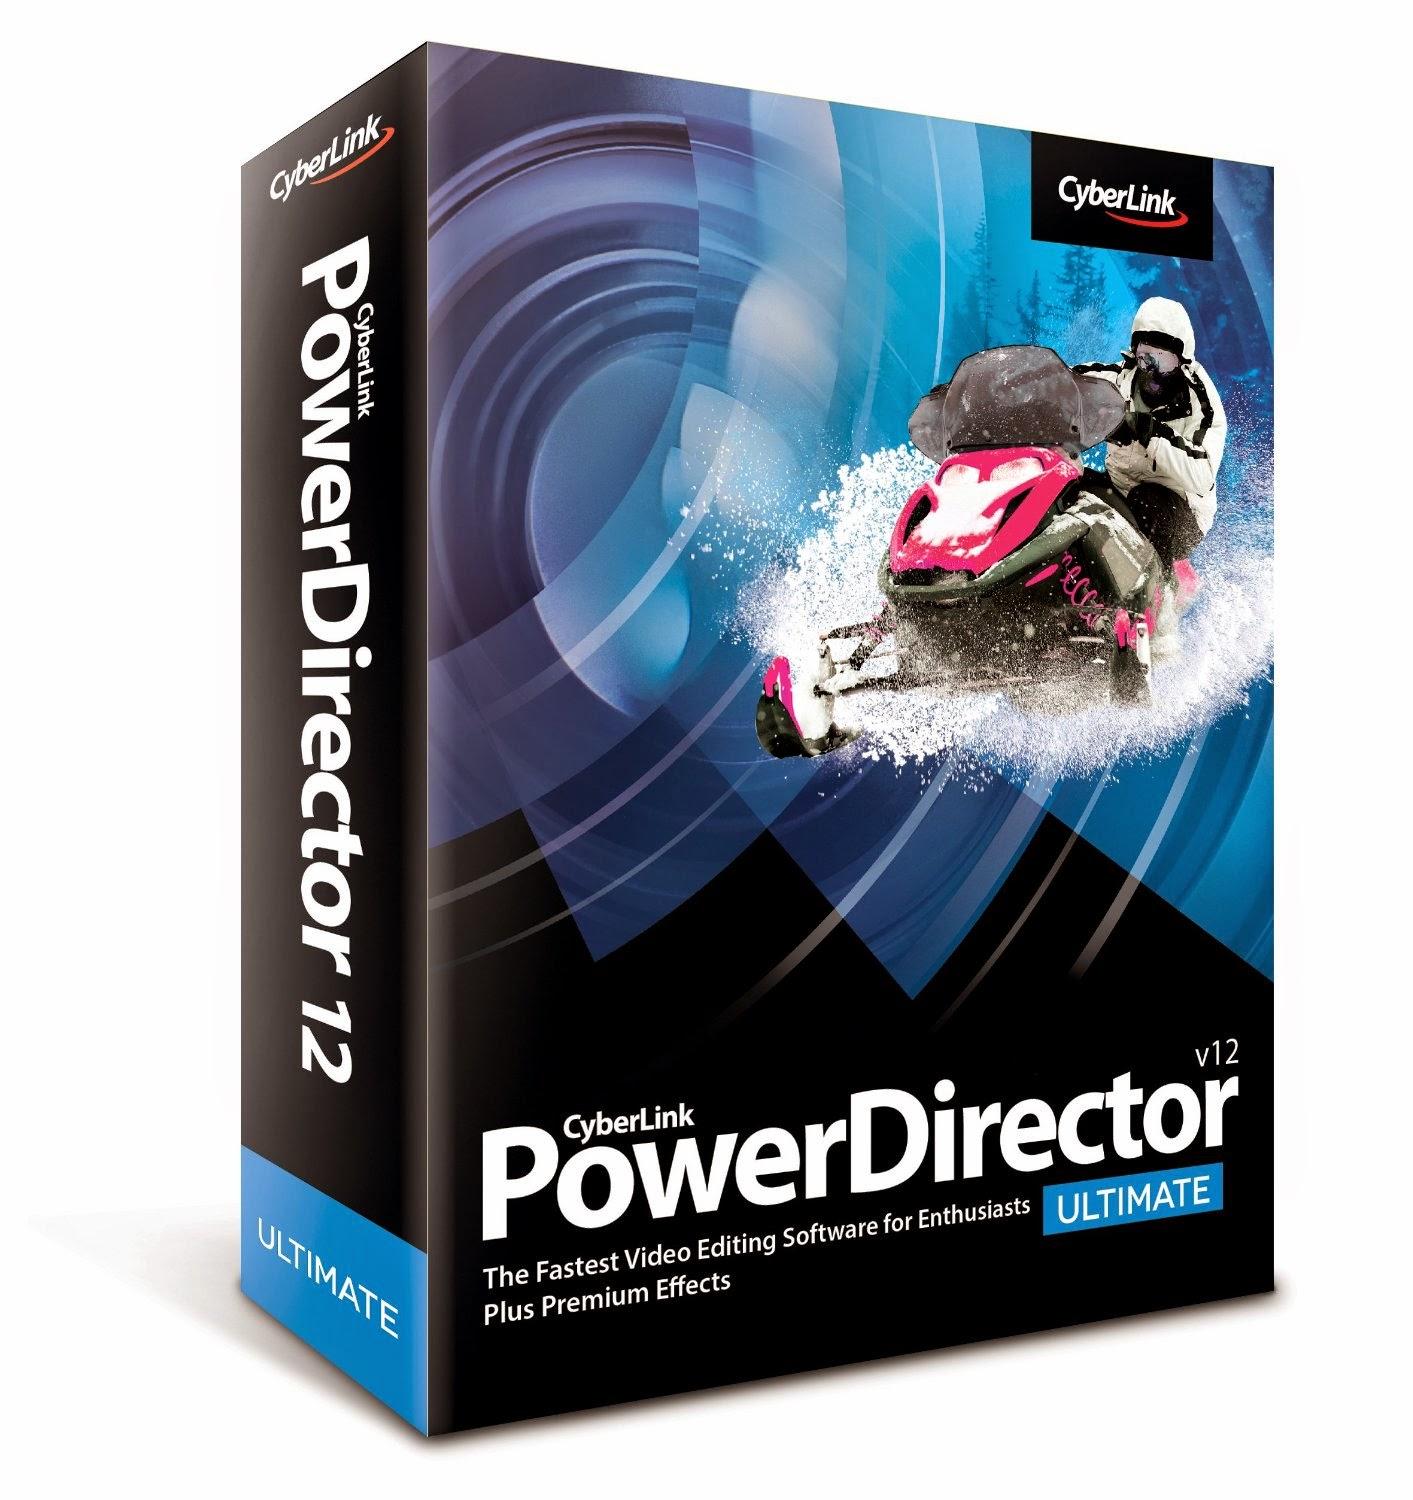 cyberlink power director 12 deluxe